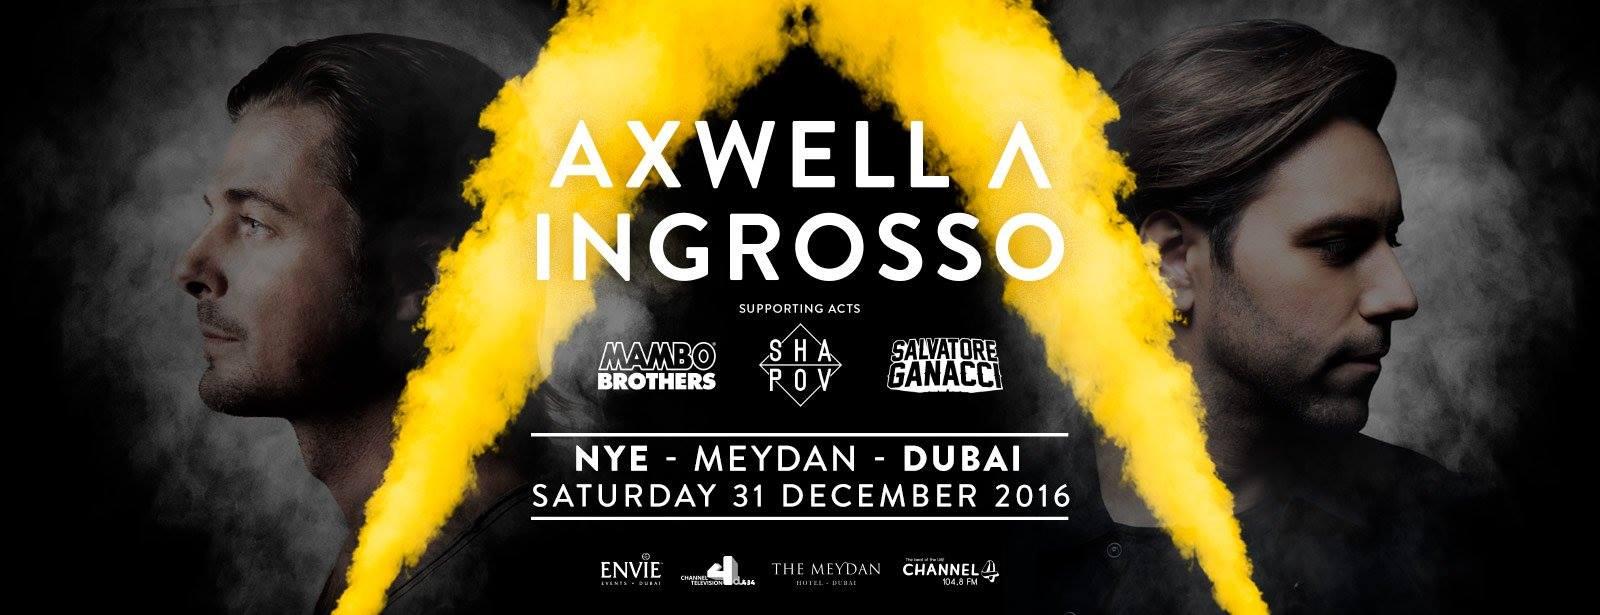 حفل الفنانين سيباستيان إنجروسو و أكسويل خلال ليلة رأس السنة 2017 في دبي